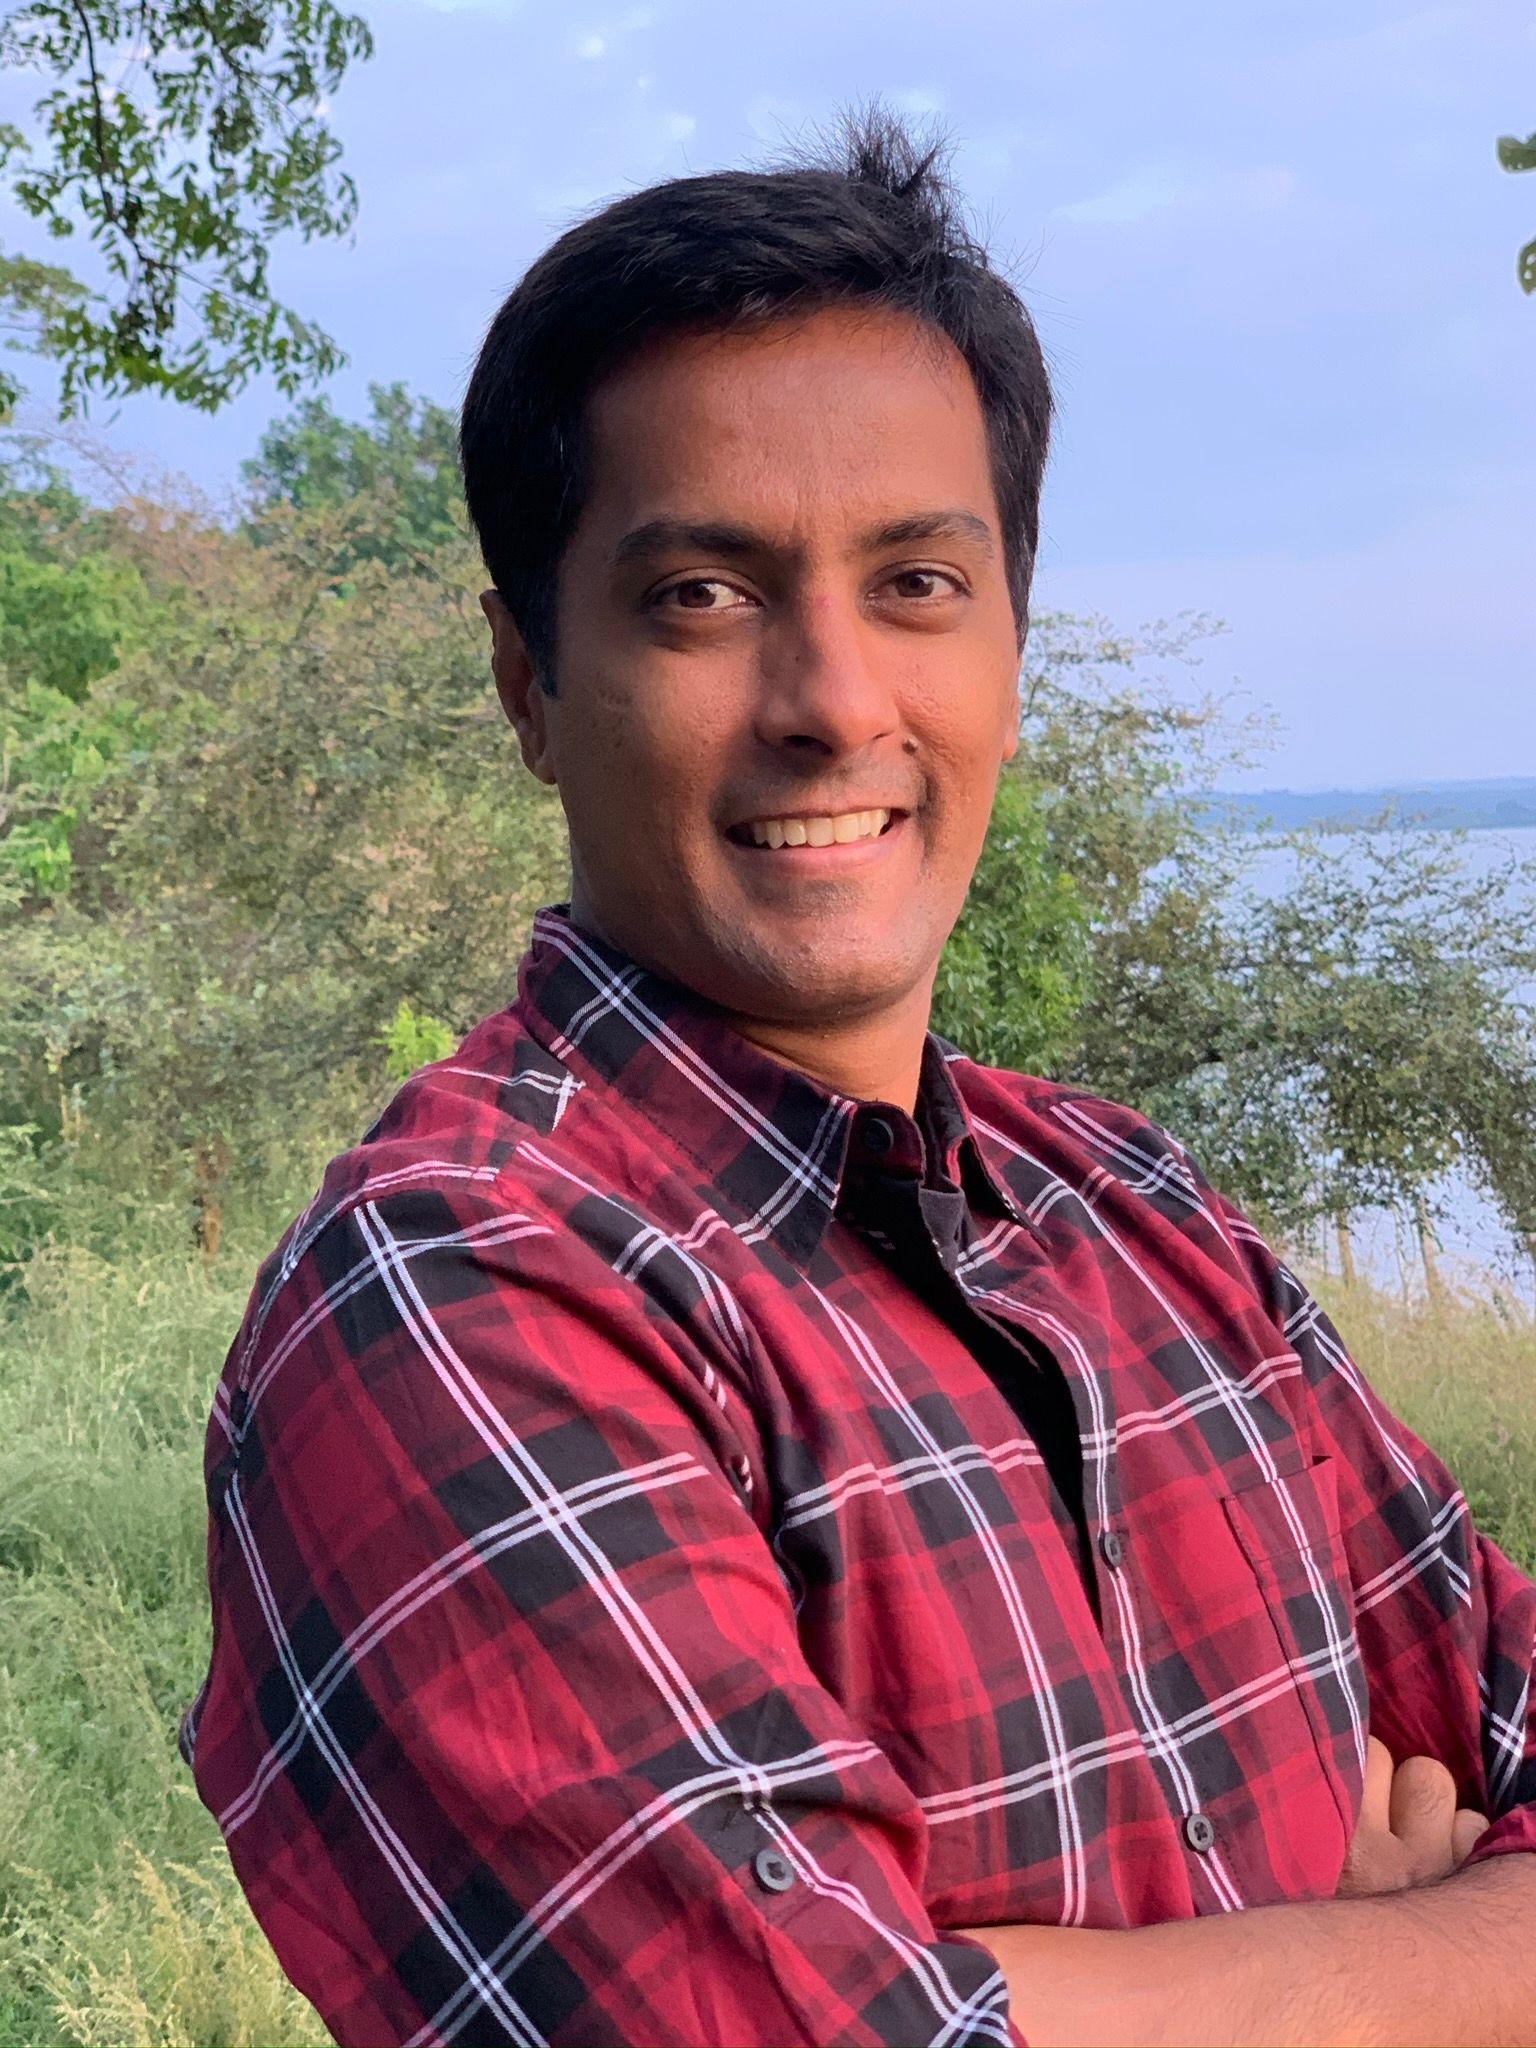 Ajay Ravindra